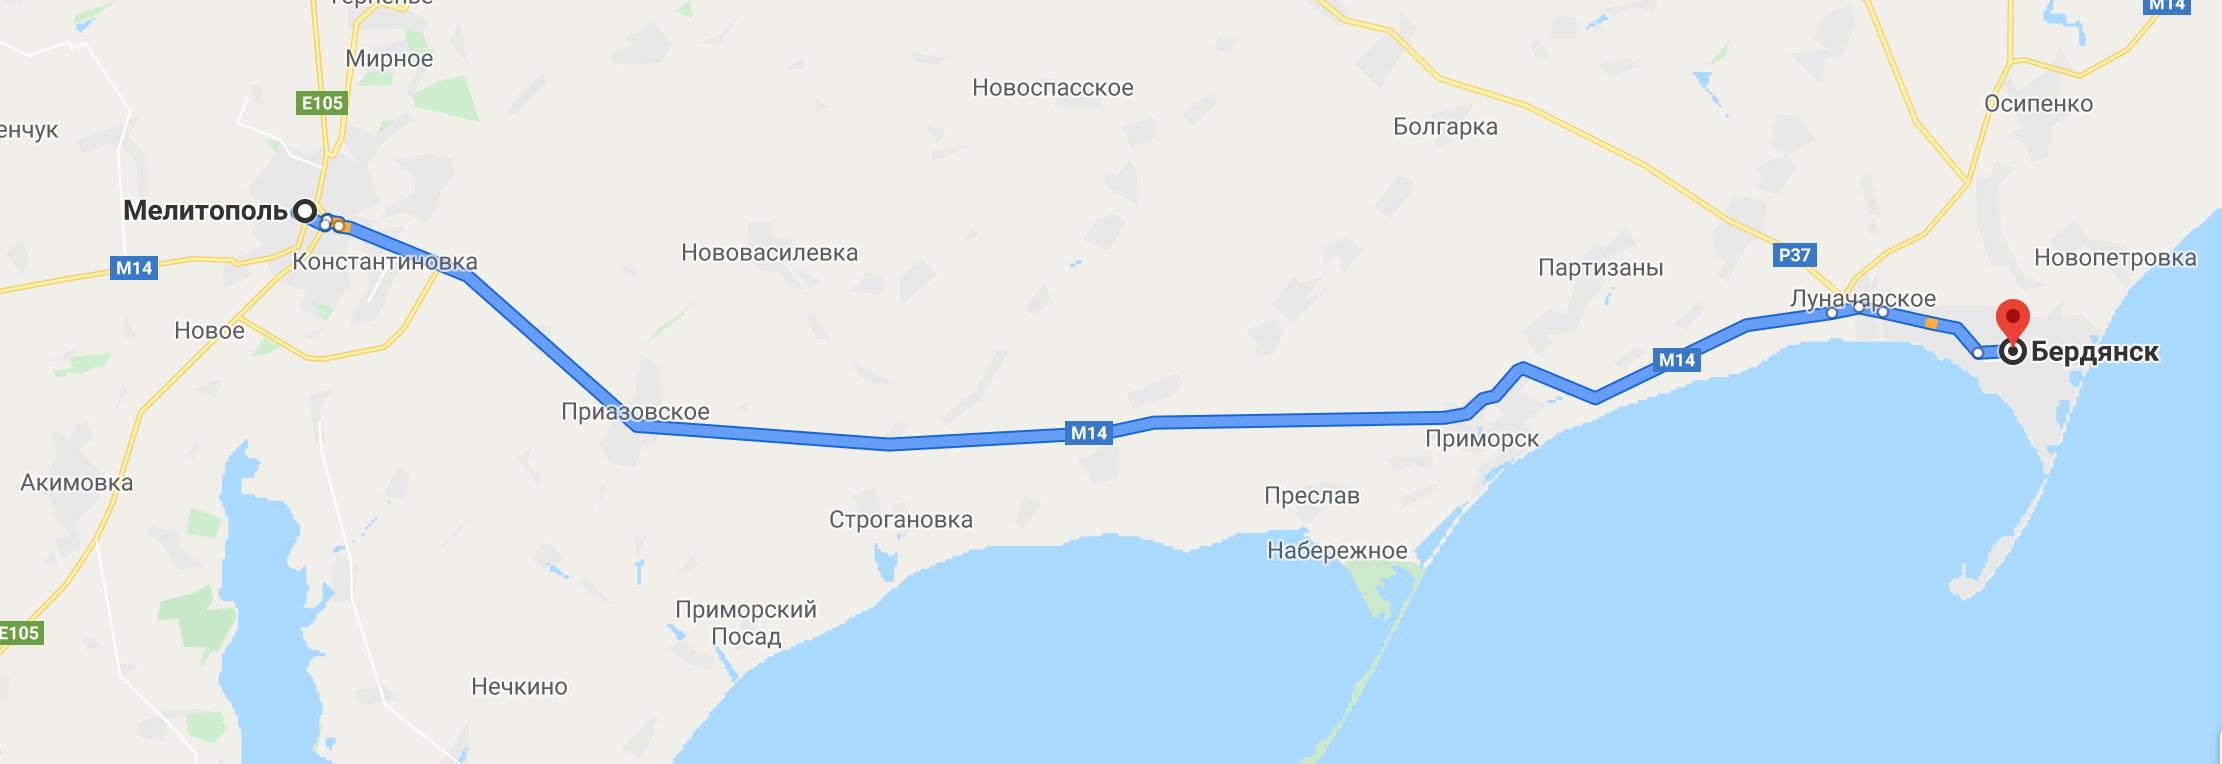 Как добраться до Бердянска на авто из Мелитополя